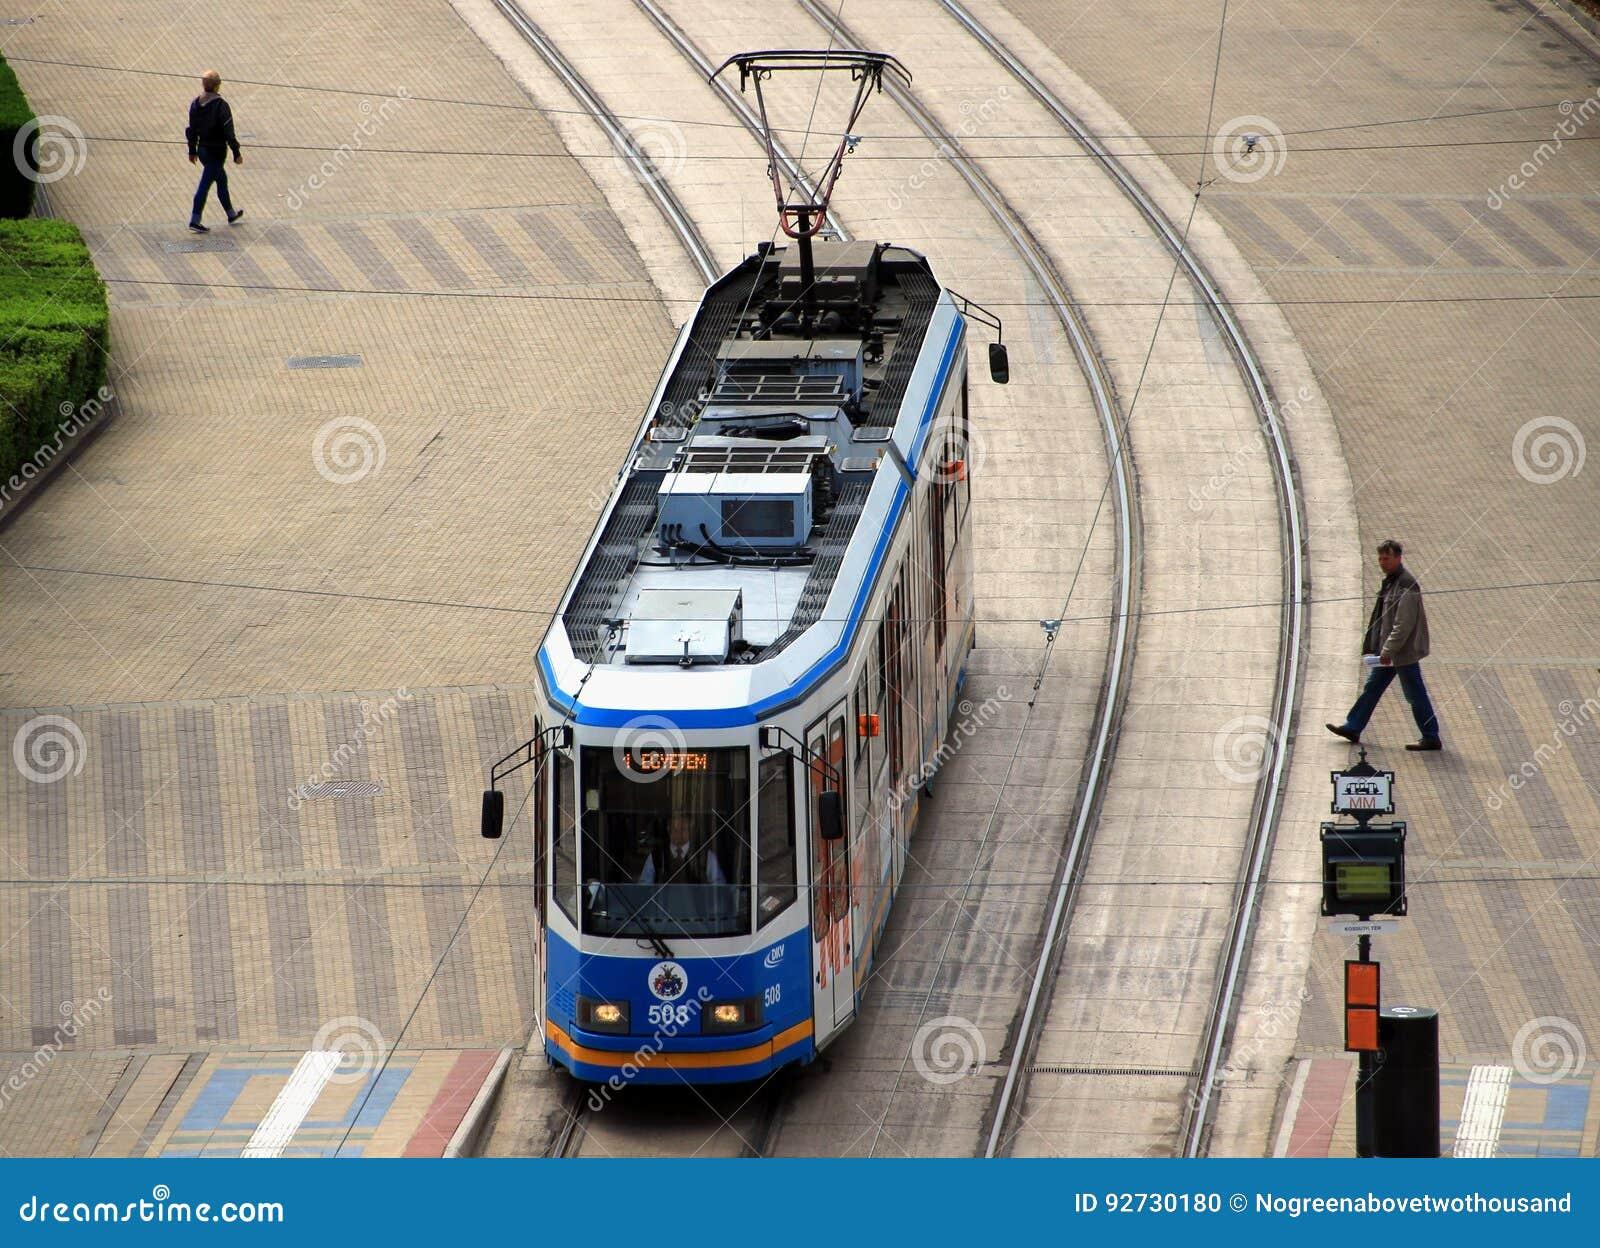 Tram moderne de Ganz à Debrecen, Hongrie